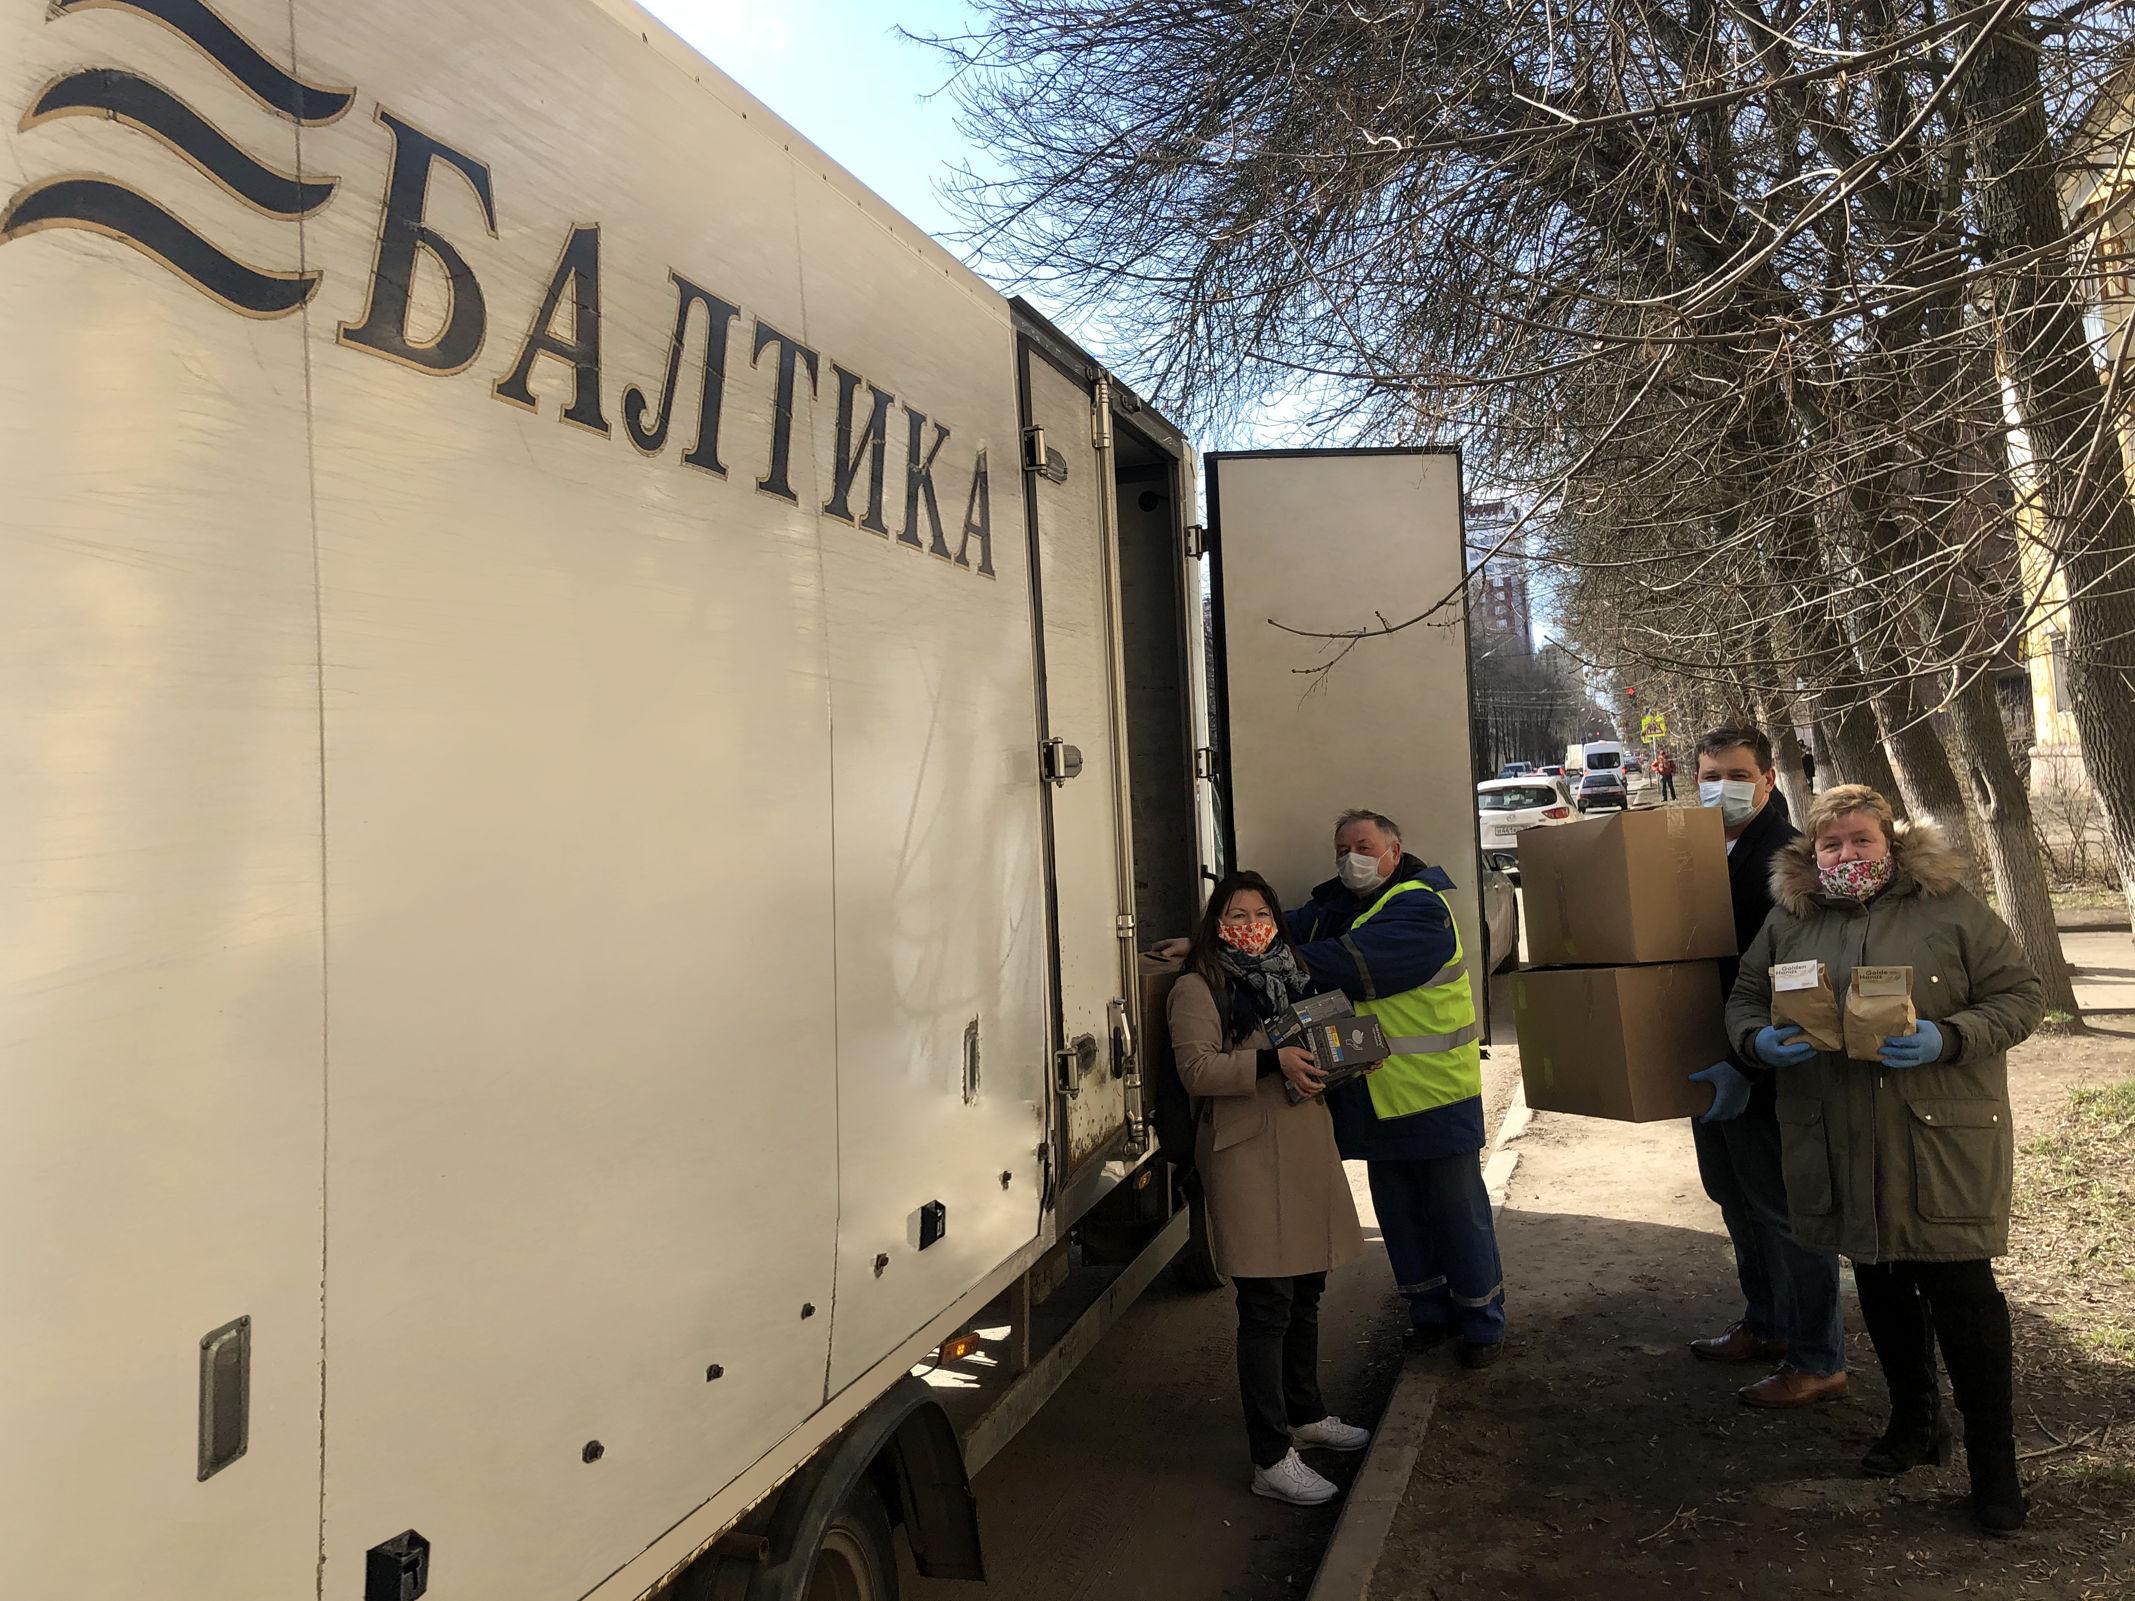 «Балтика» в партнерстве с «Фондом милосердия и здоровья» обеспечат санитарно-гигиеническими изделиями и продуктами ярославские дома-интернаты для престарелых и инвалидов